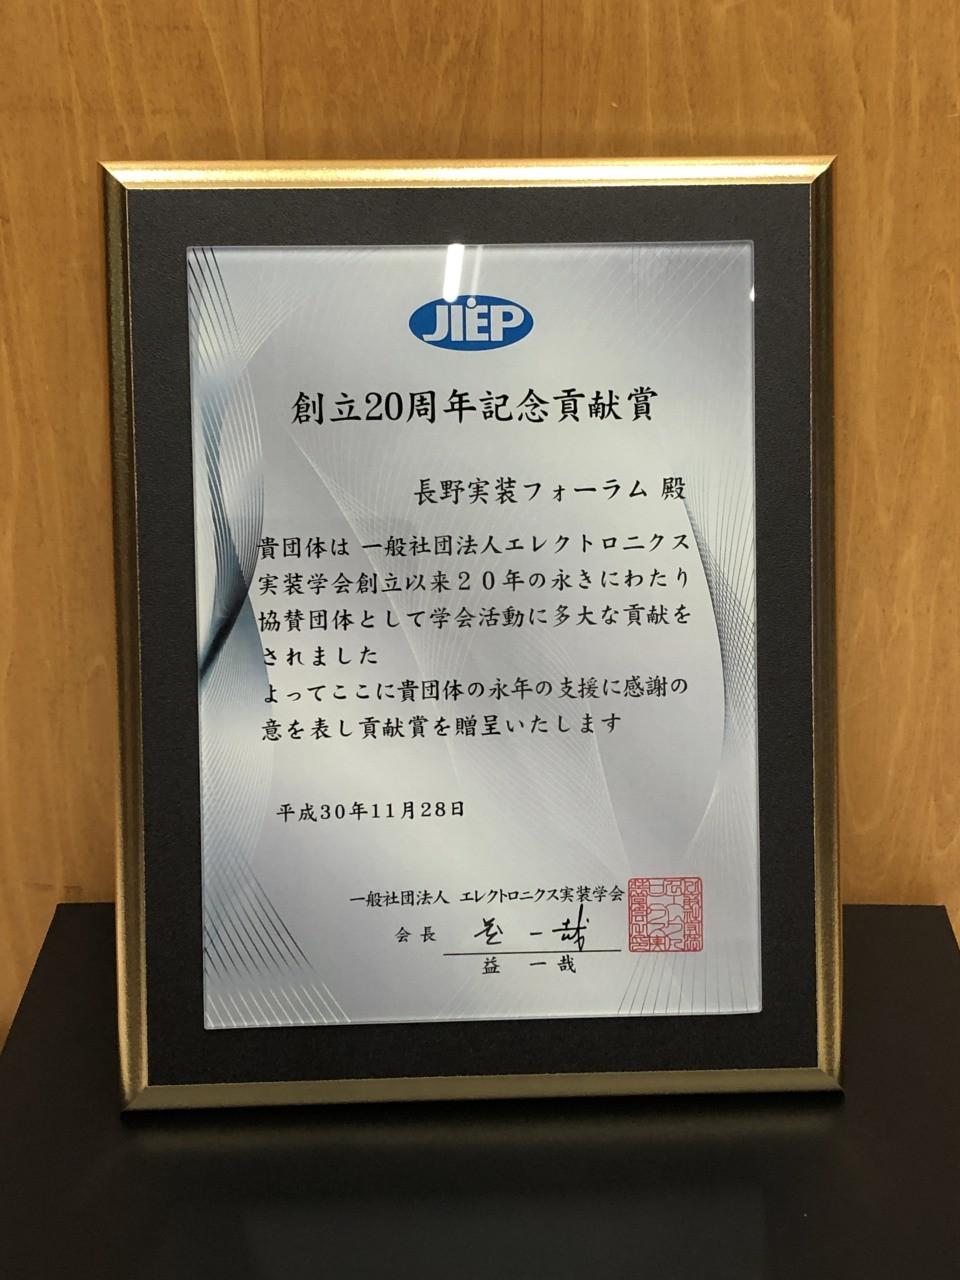 エレクトロニクス実装学会から頂いた創立20周年記念貢献賞の楯